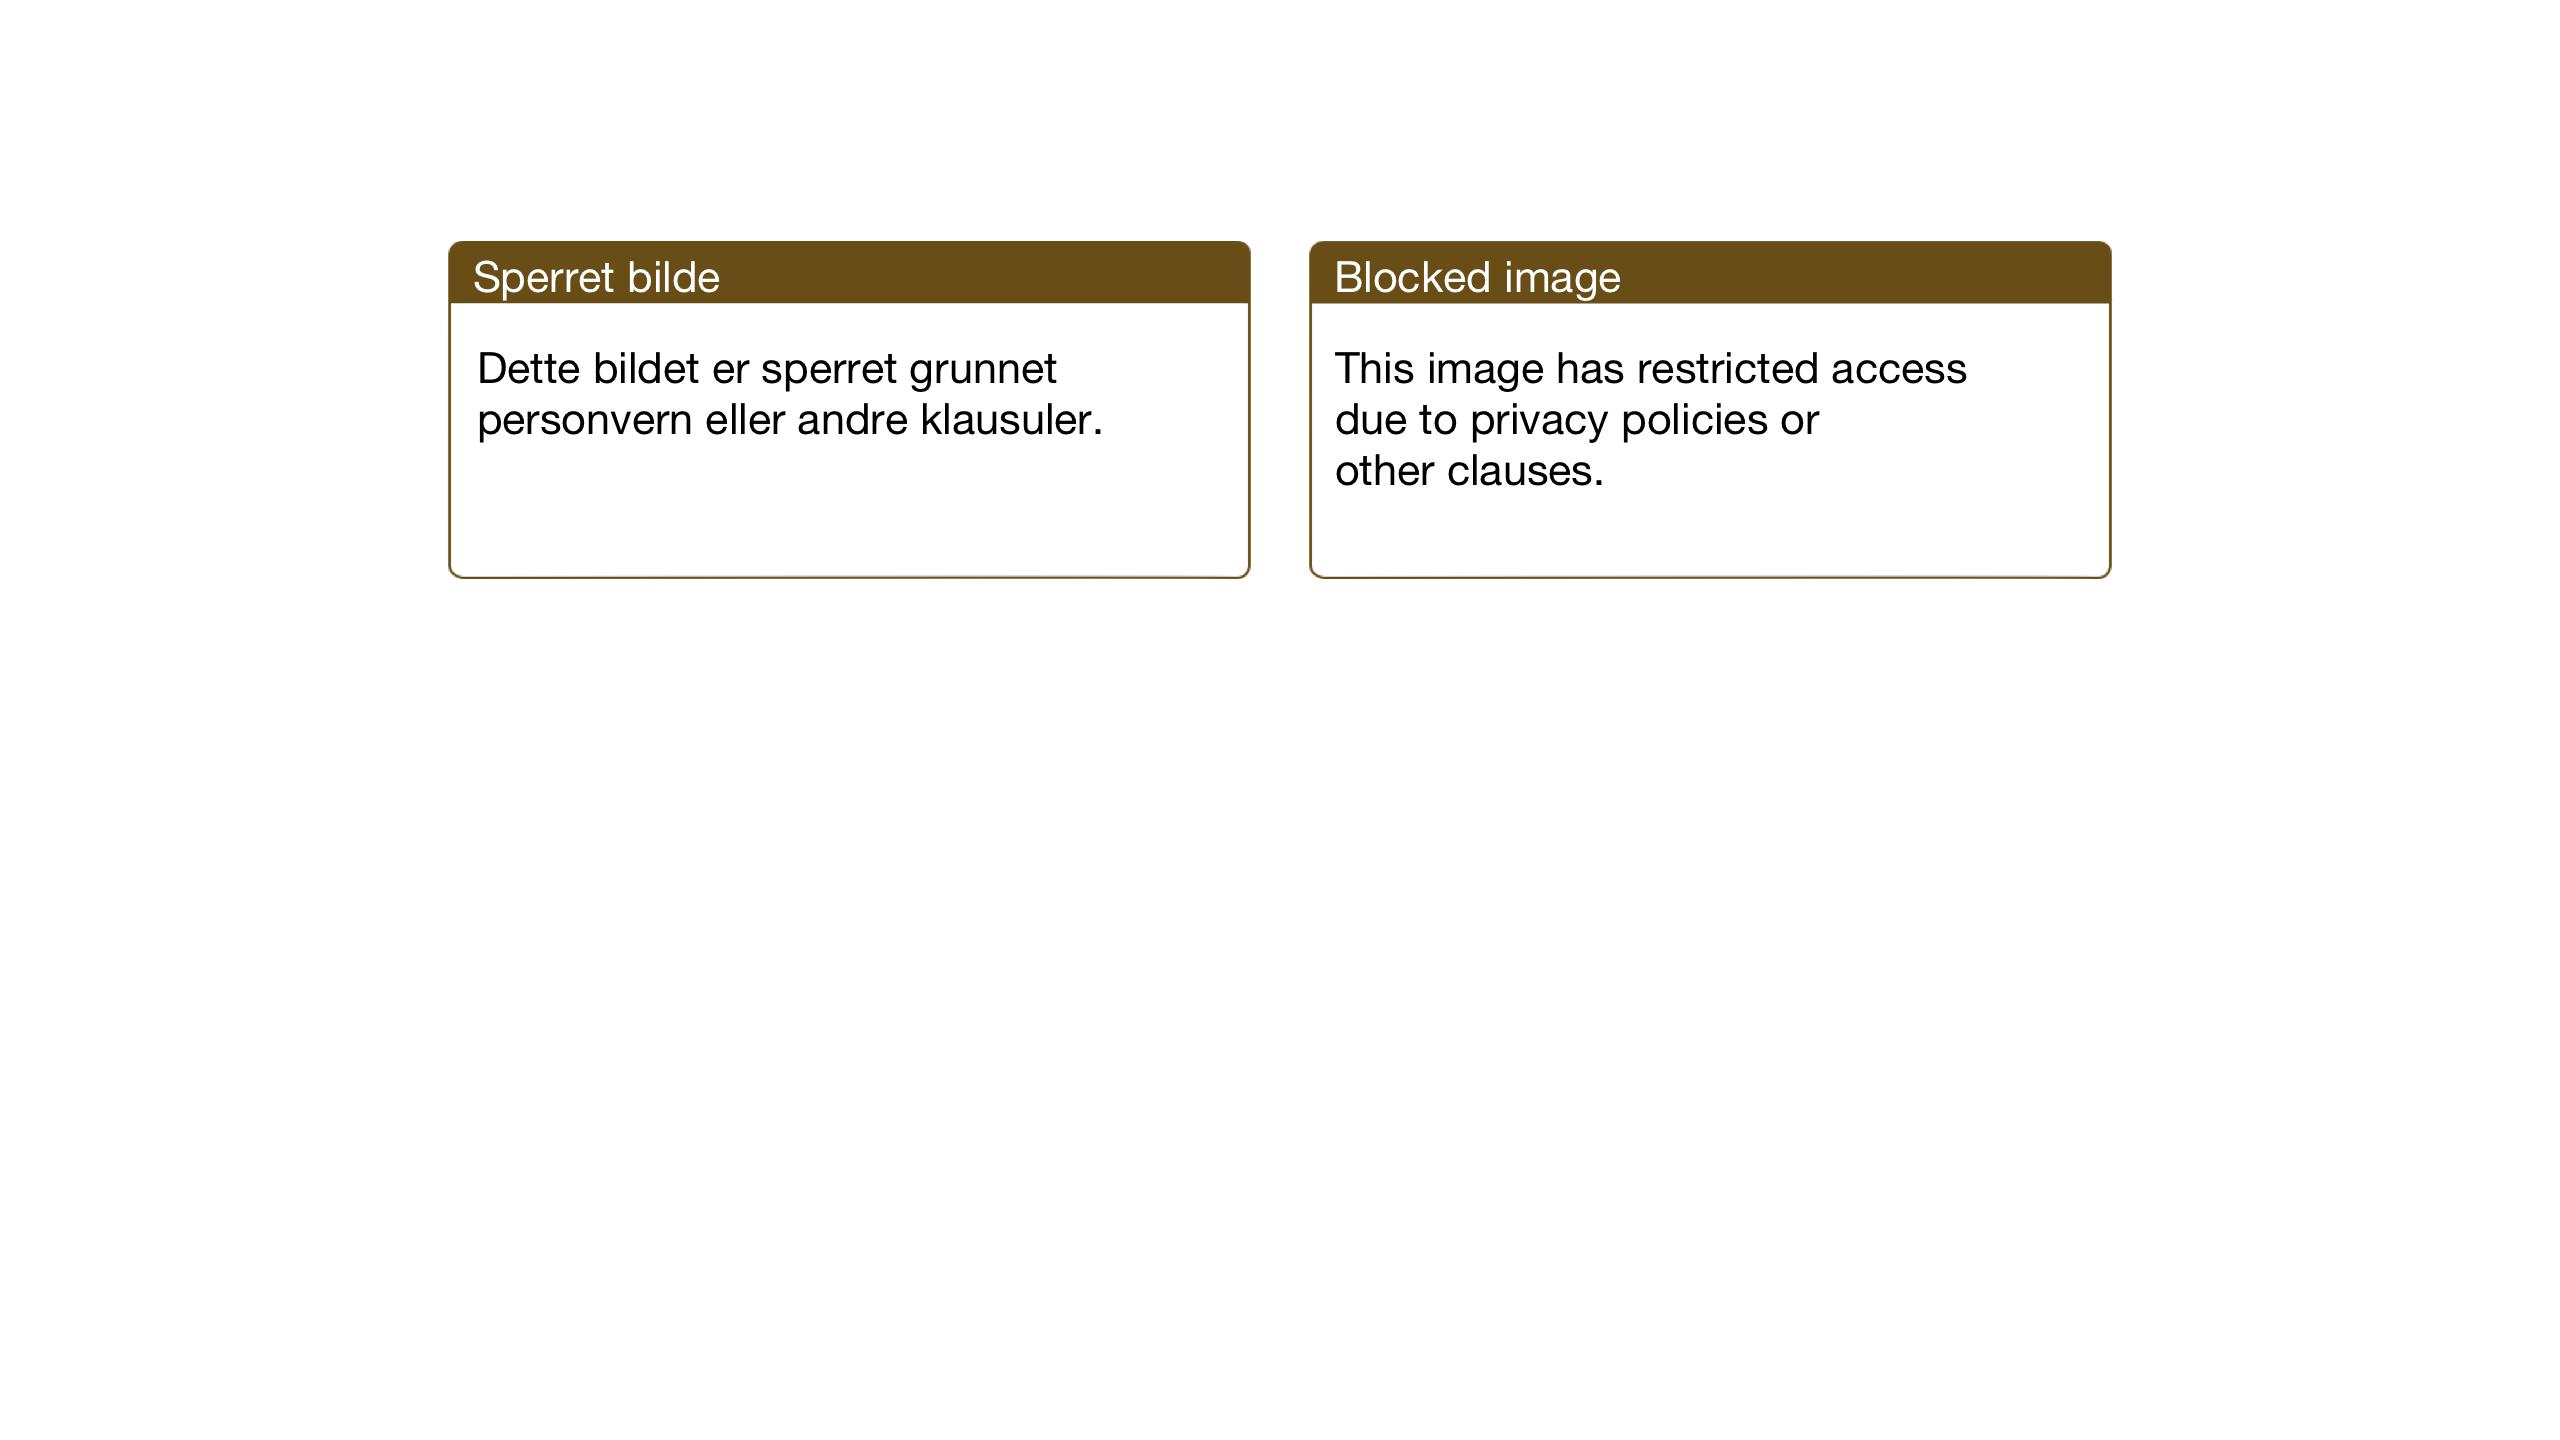 SAT, Ministerialprotokoller, klokkerbøker og fødselsregistre - Nord-Trøndelag, 773/L0625: Klokkerbok nr. 773C01, 1910-1952, s. 88